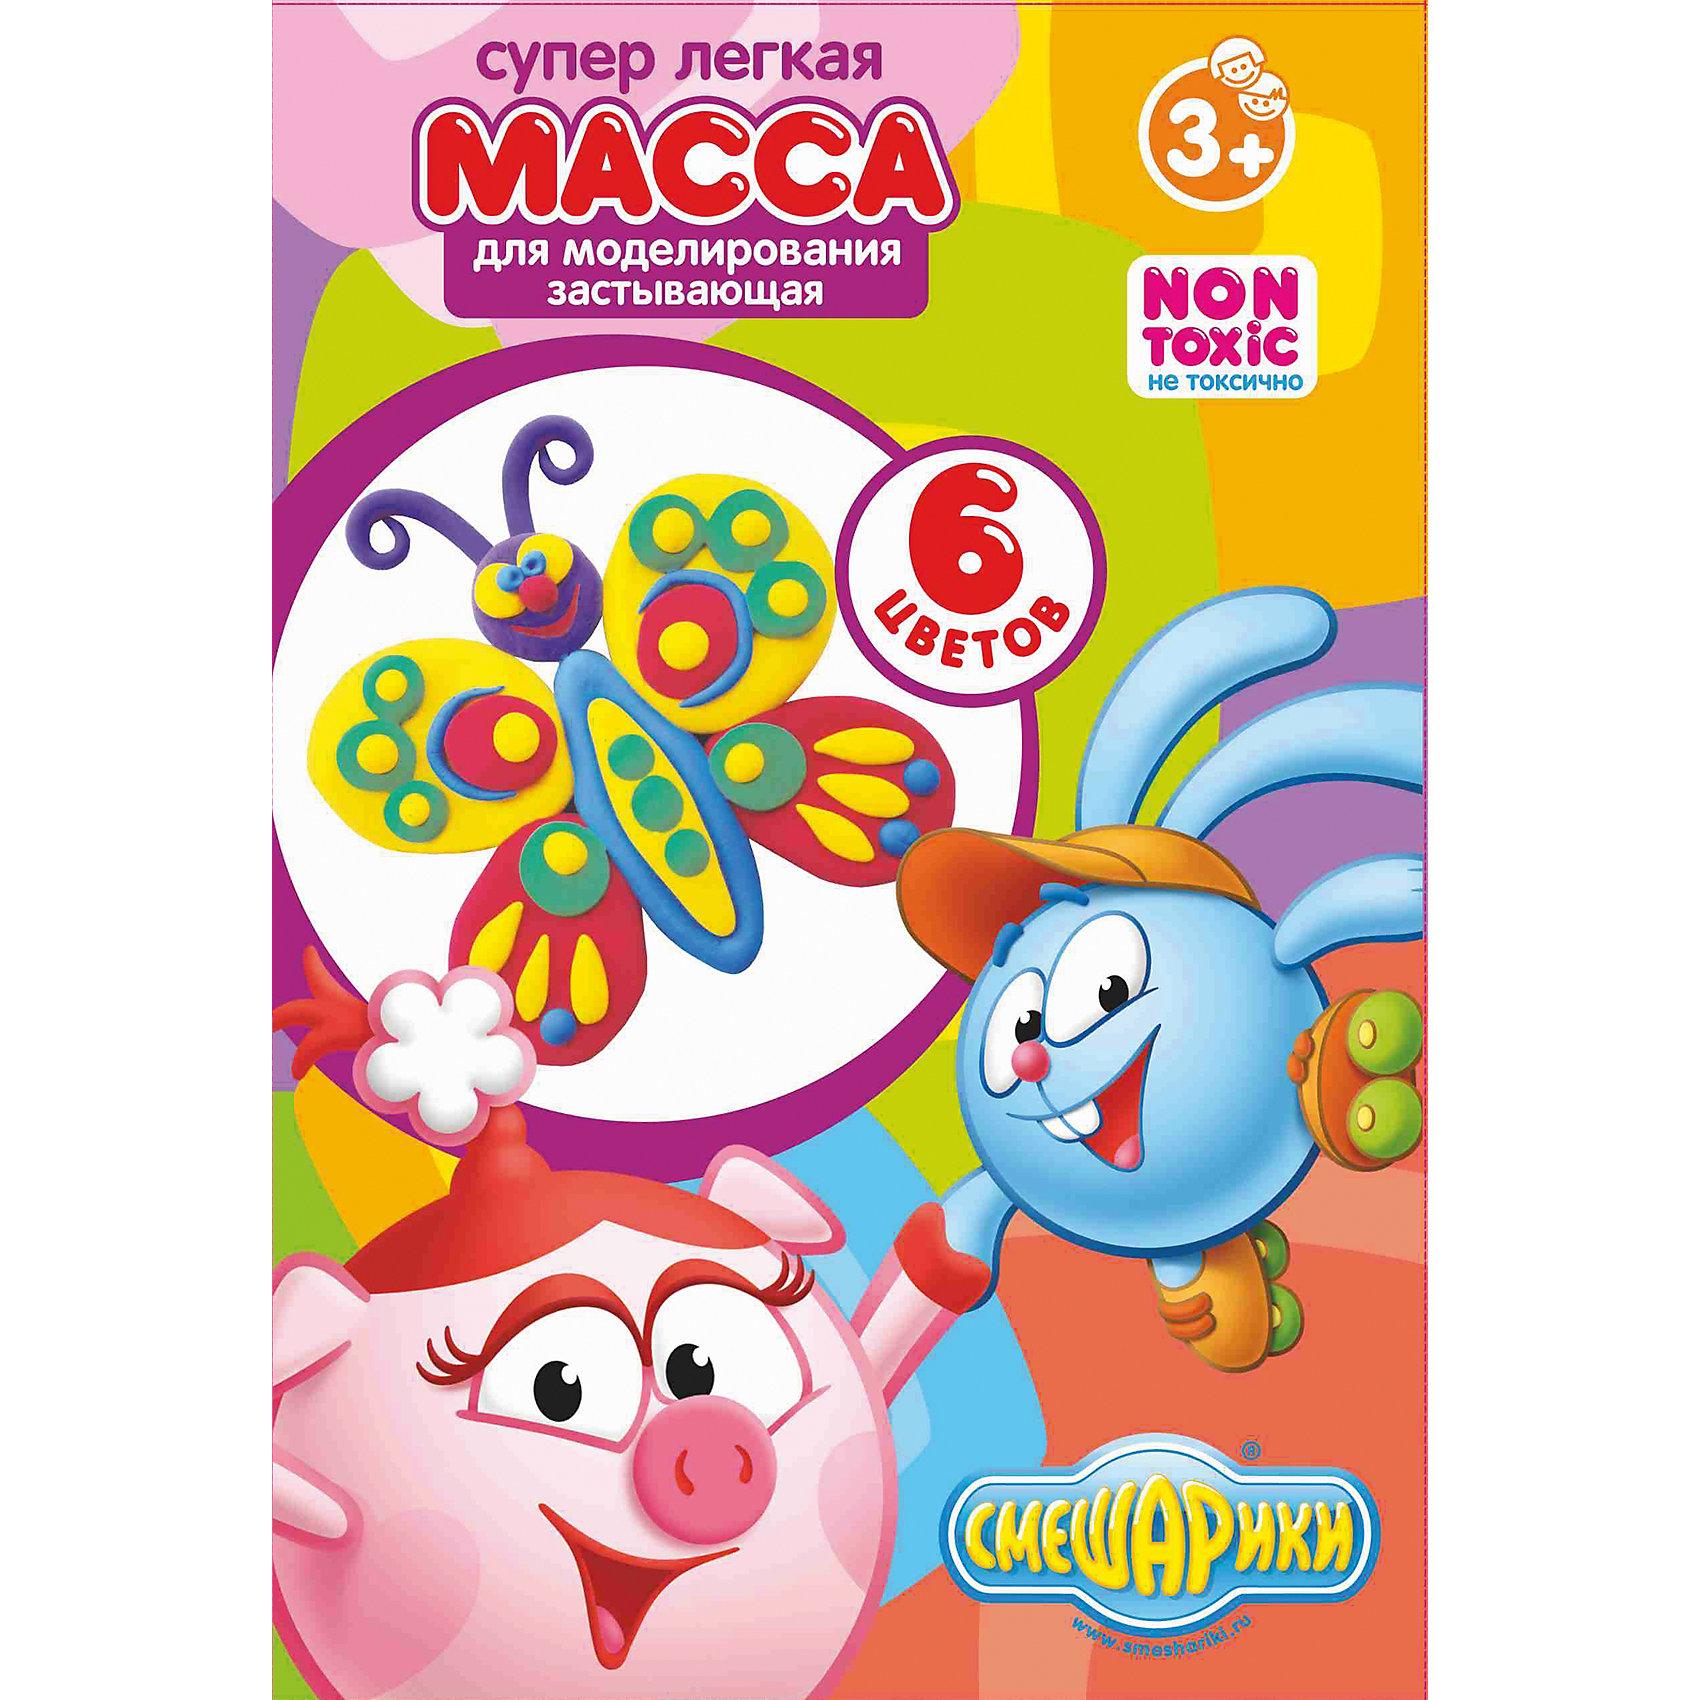 Суперлегкая масса для лепки (6 цветов х 16г), СмешарикиСуперлегкая масса для лепки (6 цветов х 16г), Смешарики – набор для творчества приведет в восторг ребенка поклонника мультсериала Смешарики.<br>Прекрасная масса для лепки предназначена для создания орнаментов, аксессуаров, игрушек и воплощения множества творческих идей. Она очень пластичная, мягкая, не липнет к рукам. Легко смешивается, благодаря чему можно достичь разнообразных оттенков. Прежде чем масса для лепки полностью высохнет, можно изменить поделку, предварительно увлажнив её водой из распылителя. Изделие засыхает на воздухе в течение суток, становится твердым и плотным. Масса для лепки абсолютно безопасна для здоровья ребенка, не содержит вредных примесей. Развивает мелкую моторику, воображение, цветовосприятие.<br><br>Дополнительная информация:<br><br>- В наборе: 6 герметичных пластиковых баночек разных цветов по 16 гр.<br>- Хранить в герметичной упаковке в прохладном месте во избежание засыхания массы.<br>- Размер упаковки: 28 х 145 х 237 мм.<br>- Вес: 233 гр.<br><br>Суперлегкую массу для лепки (6 цветов х 16г), Смешарики можно купить в нашем интернет-магазине.<br><br>Ширина мм: 28<br>Глубина мм: 145<br>Высота мм: 237<br>Вес г: 233<br>Возраст от месяцев: 36<br>Возраст до месяцев: 96<br>Пол: Унисекс<br>Возраст: Детский<br>SKU: 4017766